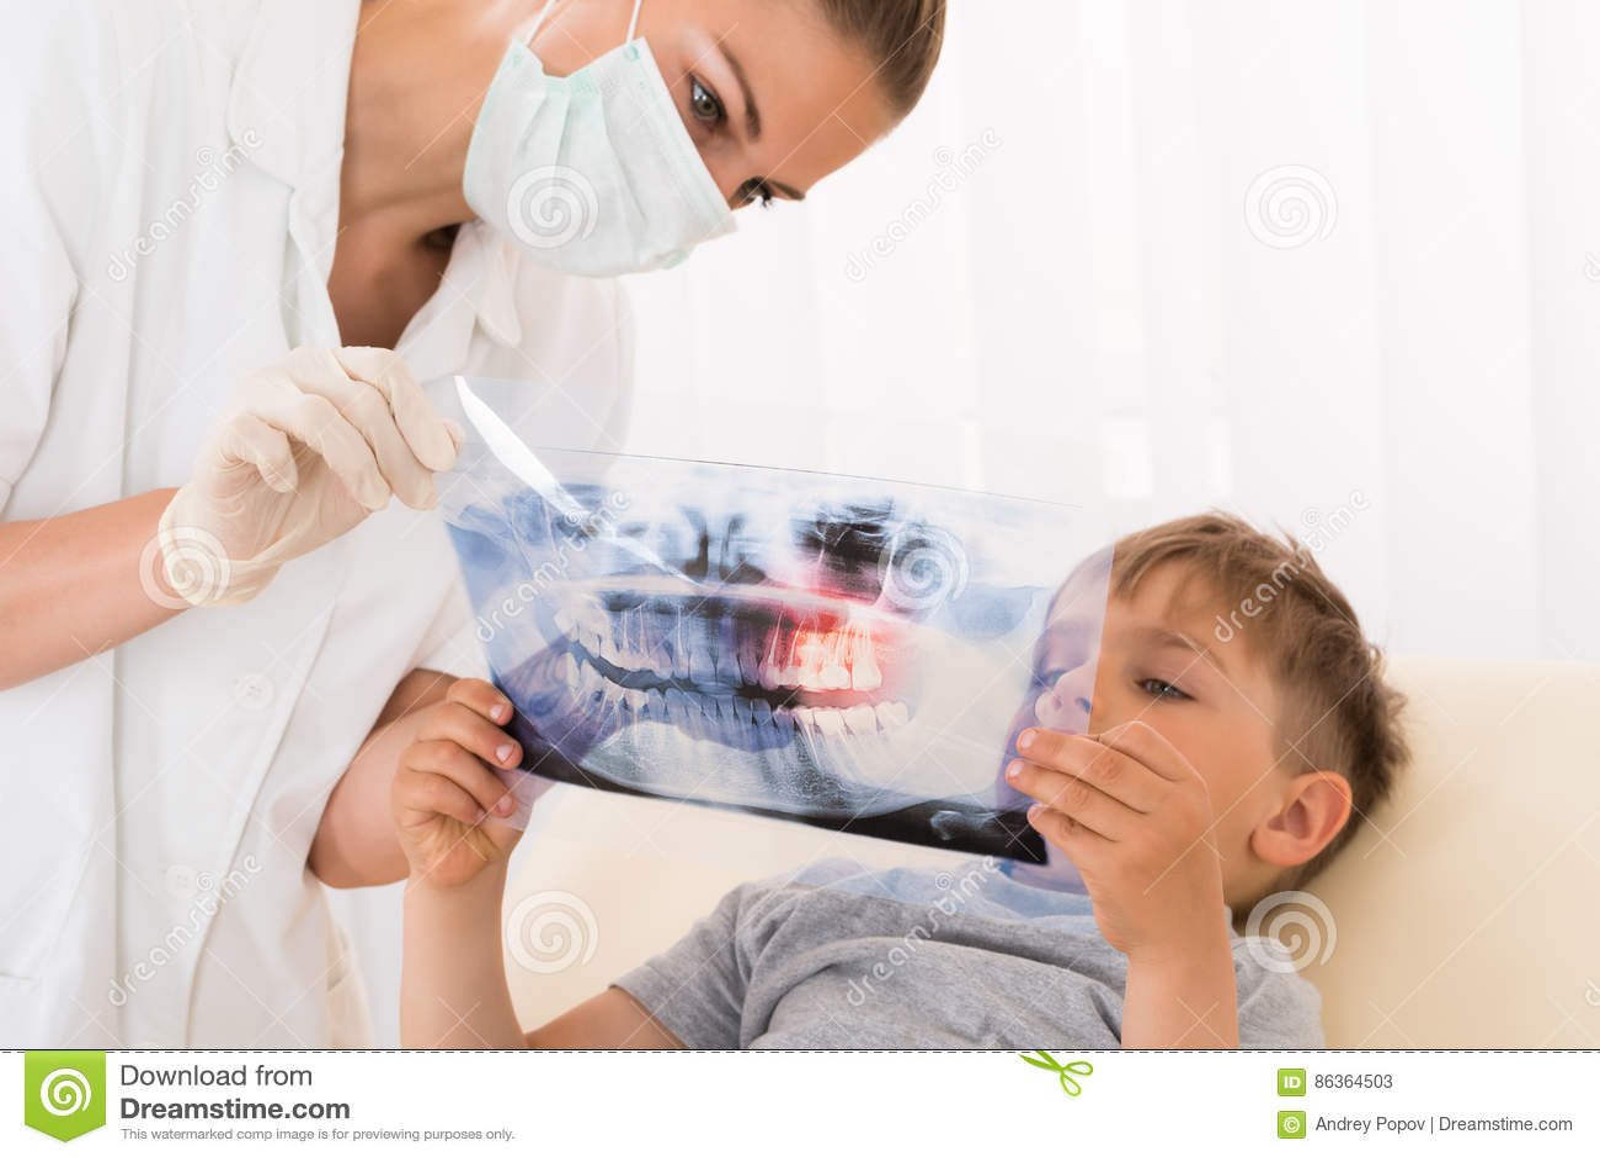 Dentiste Showing Teeth Xray au patient d enfant